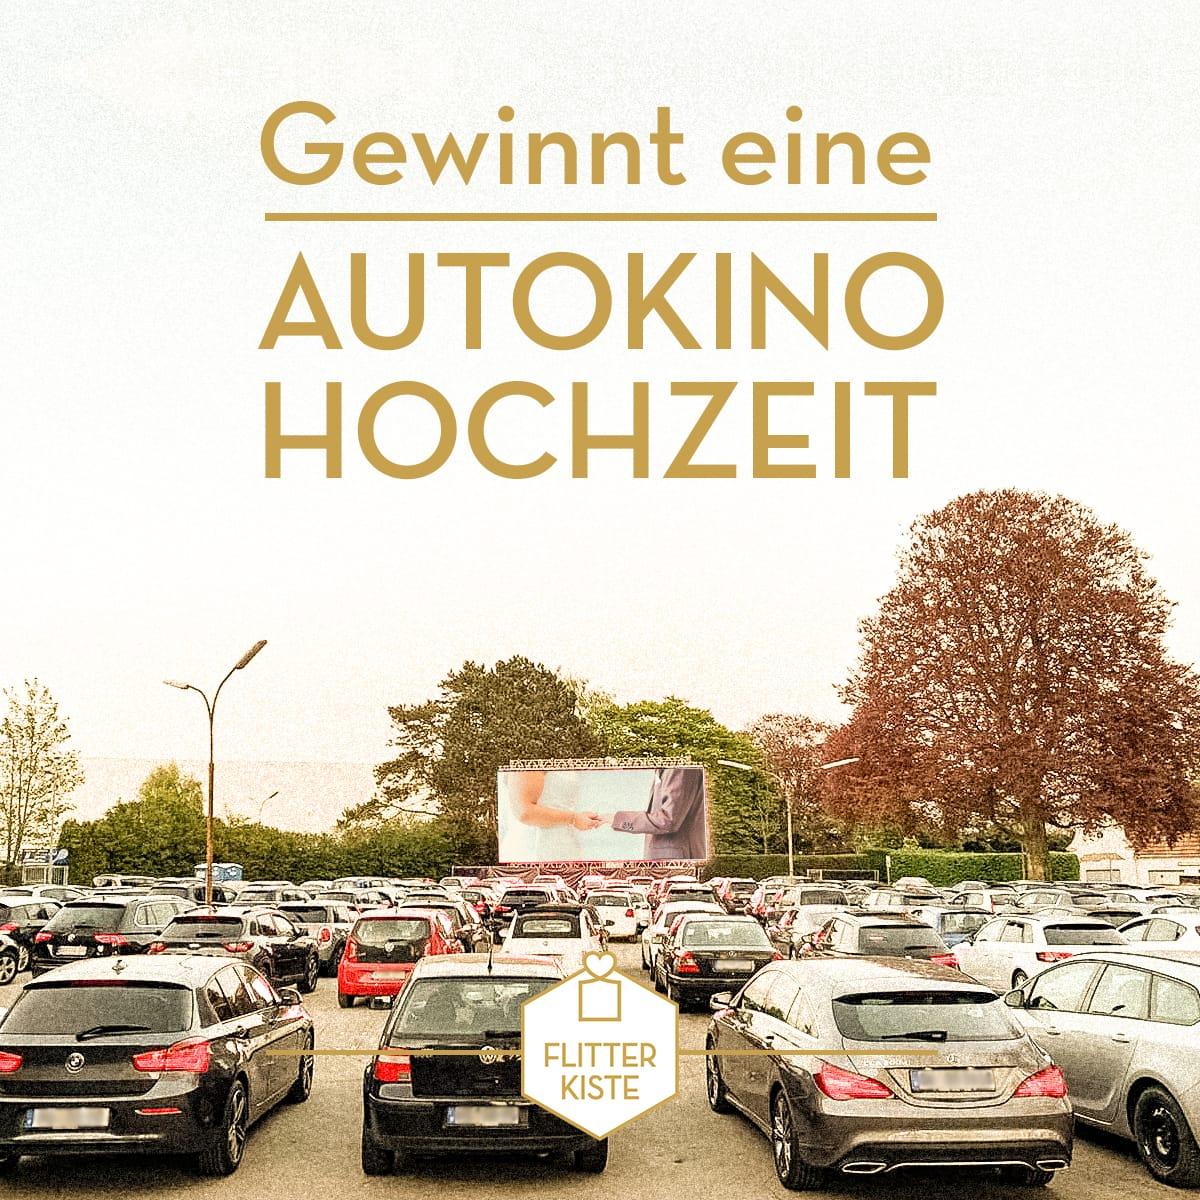 Autokino_1